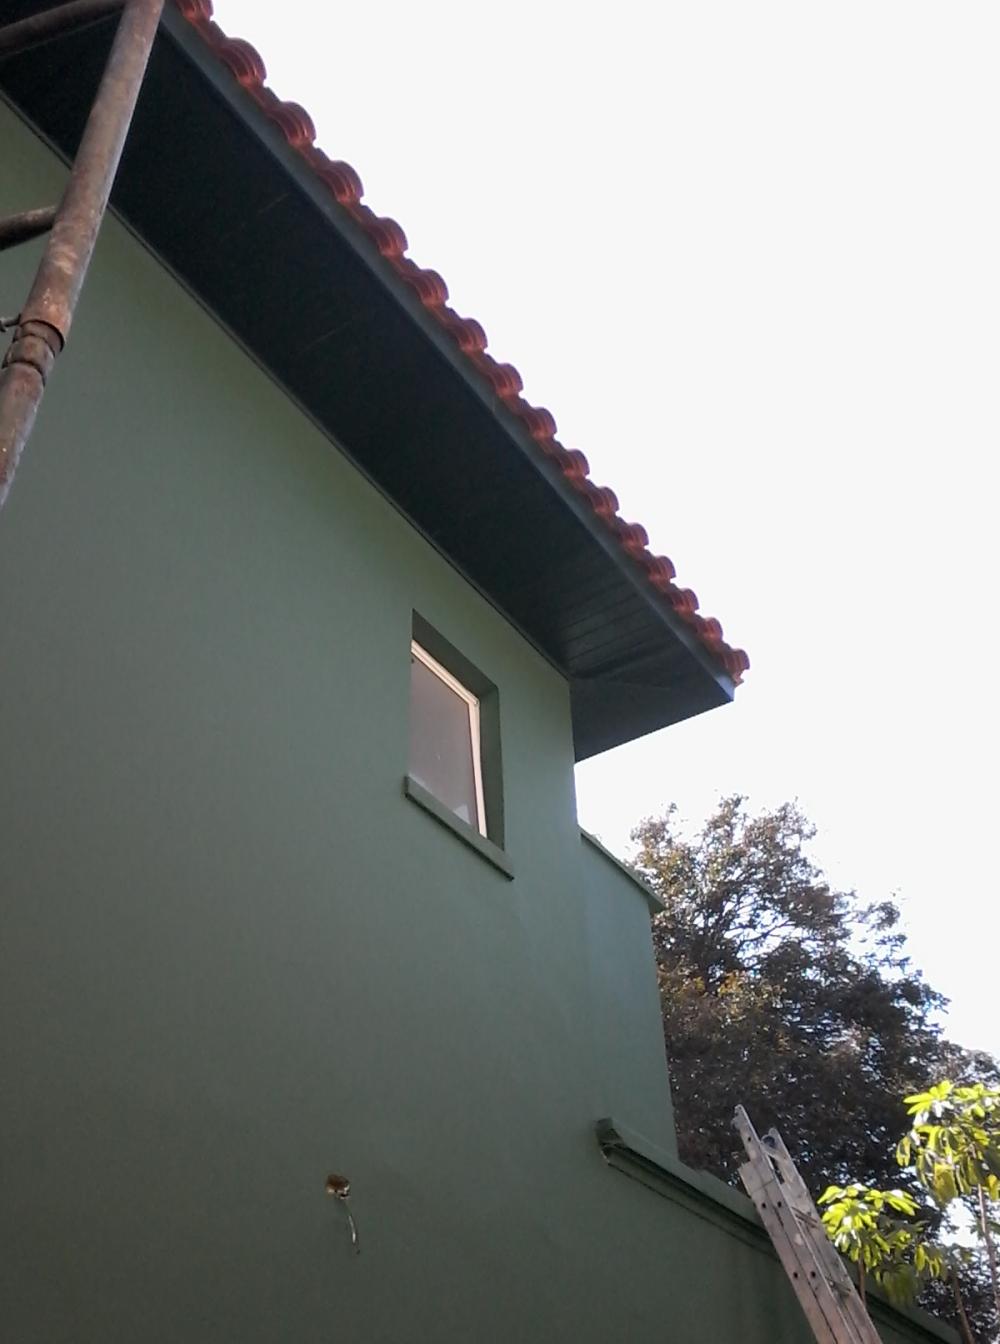 Orçamento para Serviço de Pintura Residencial em Ermelino Matarazzo - Serviço de Pintura Predial